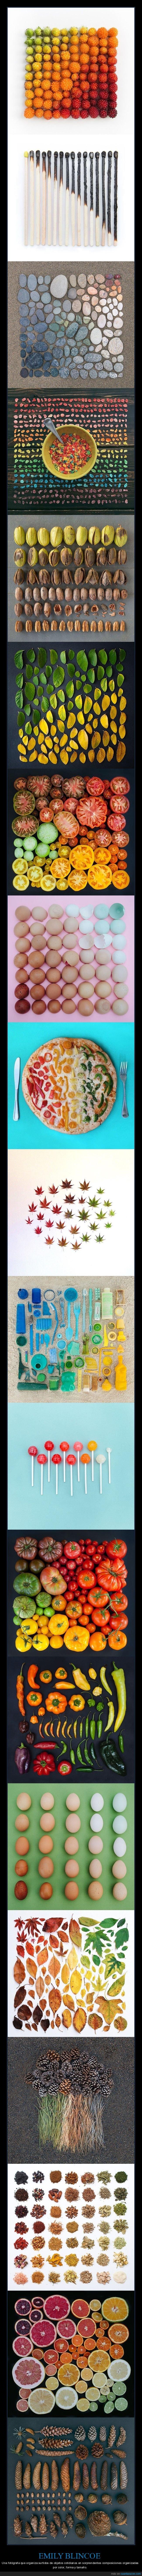 colores,emily blincoe,objetos,organizar